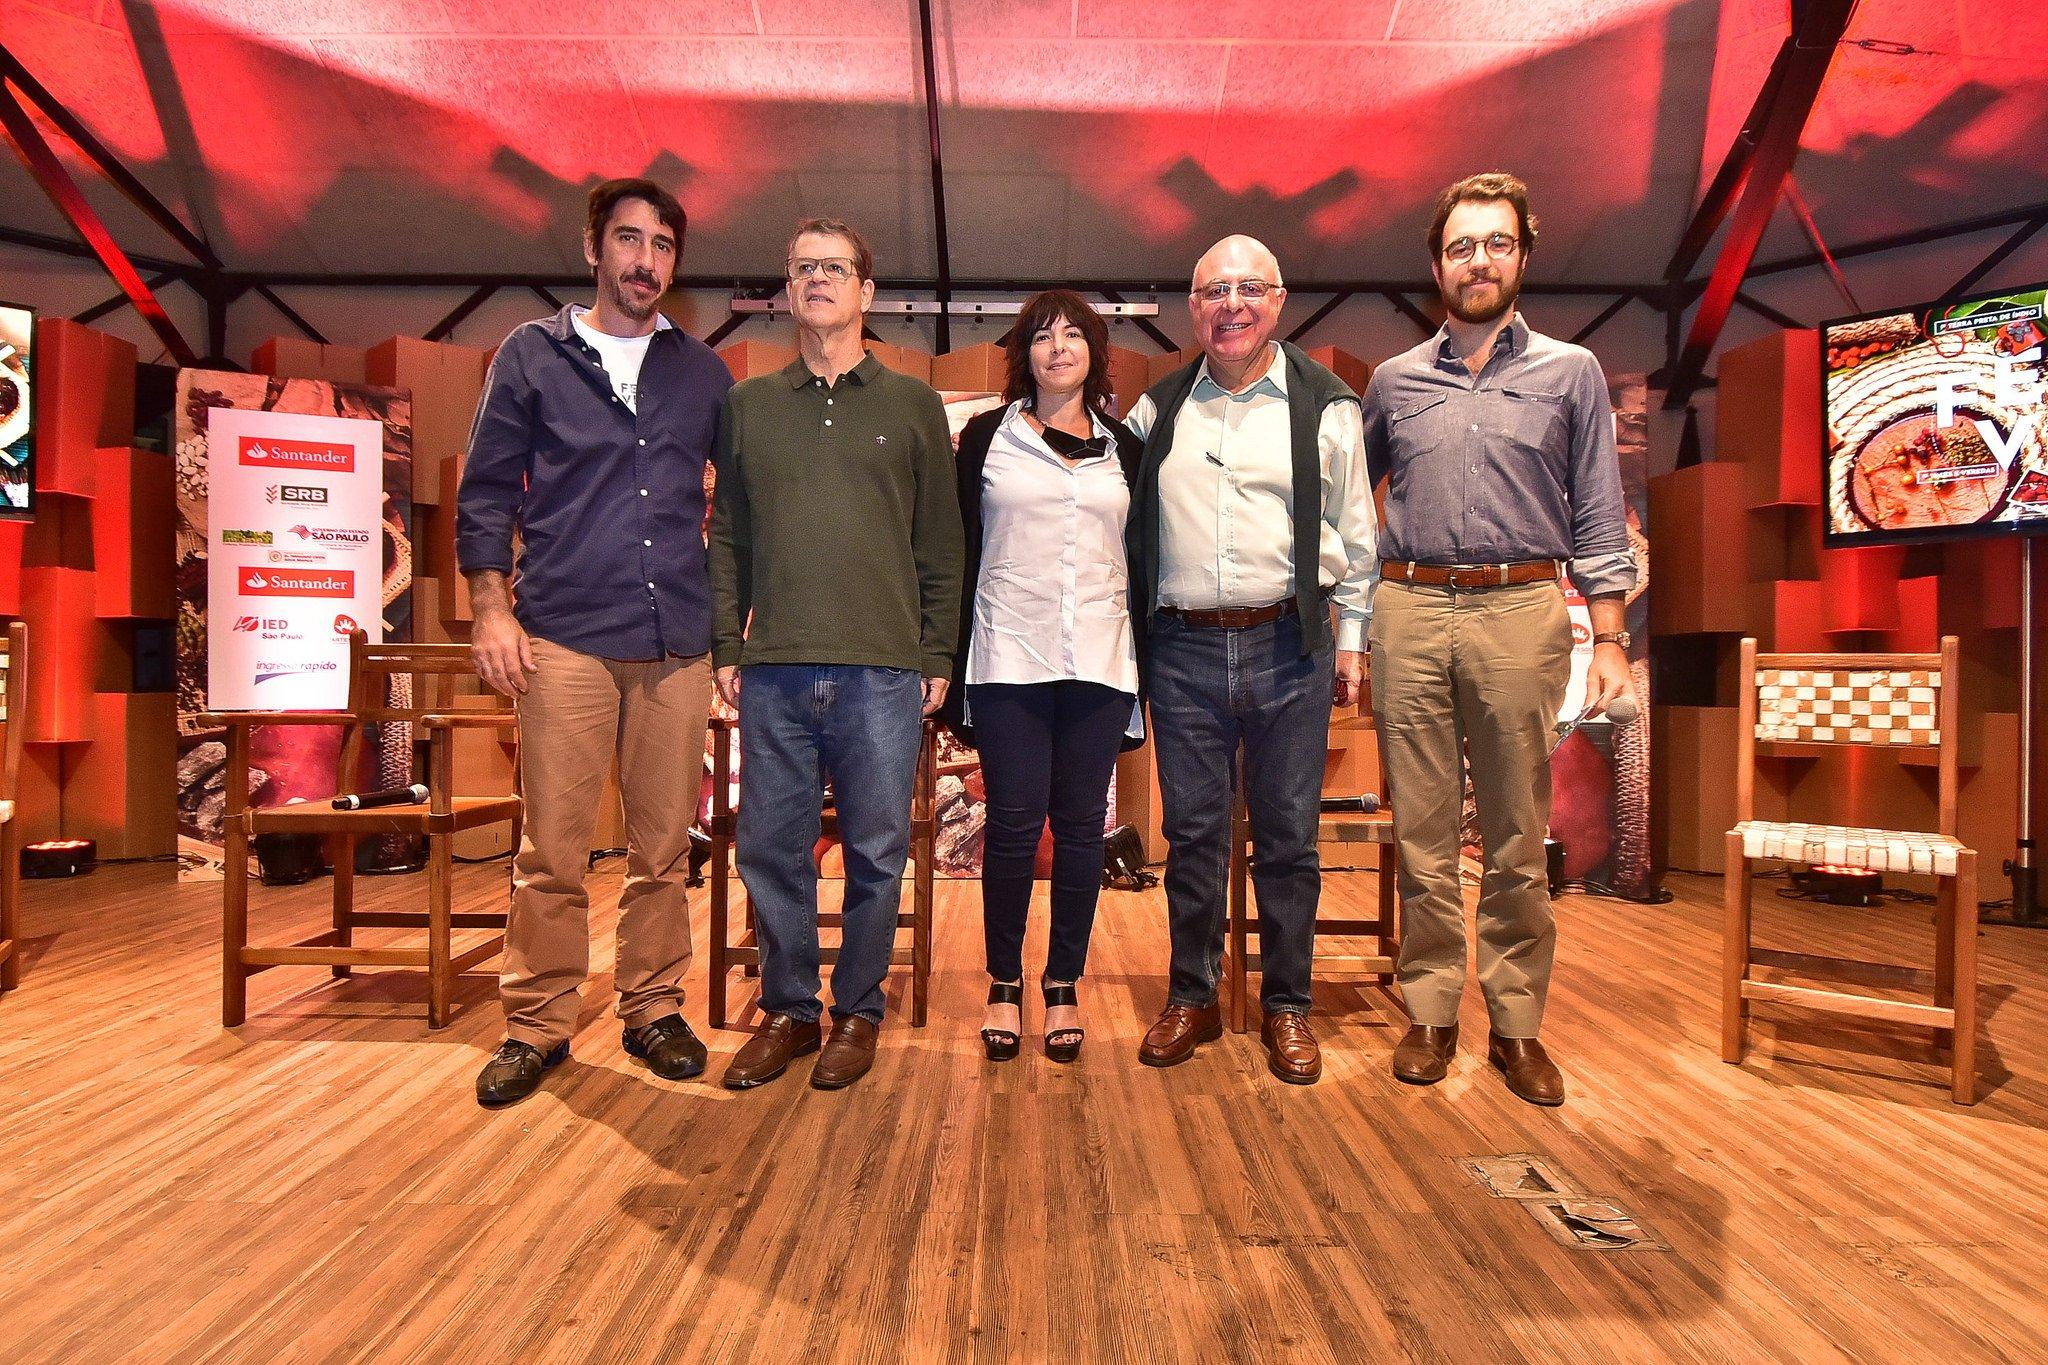 Representantes das instituições que apoiam a Feira Viva, juntos no palco dos painéis de inverno